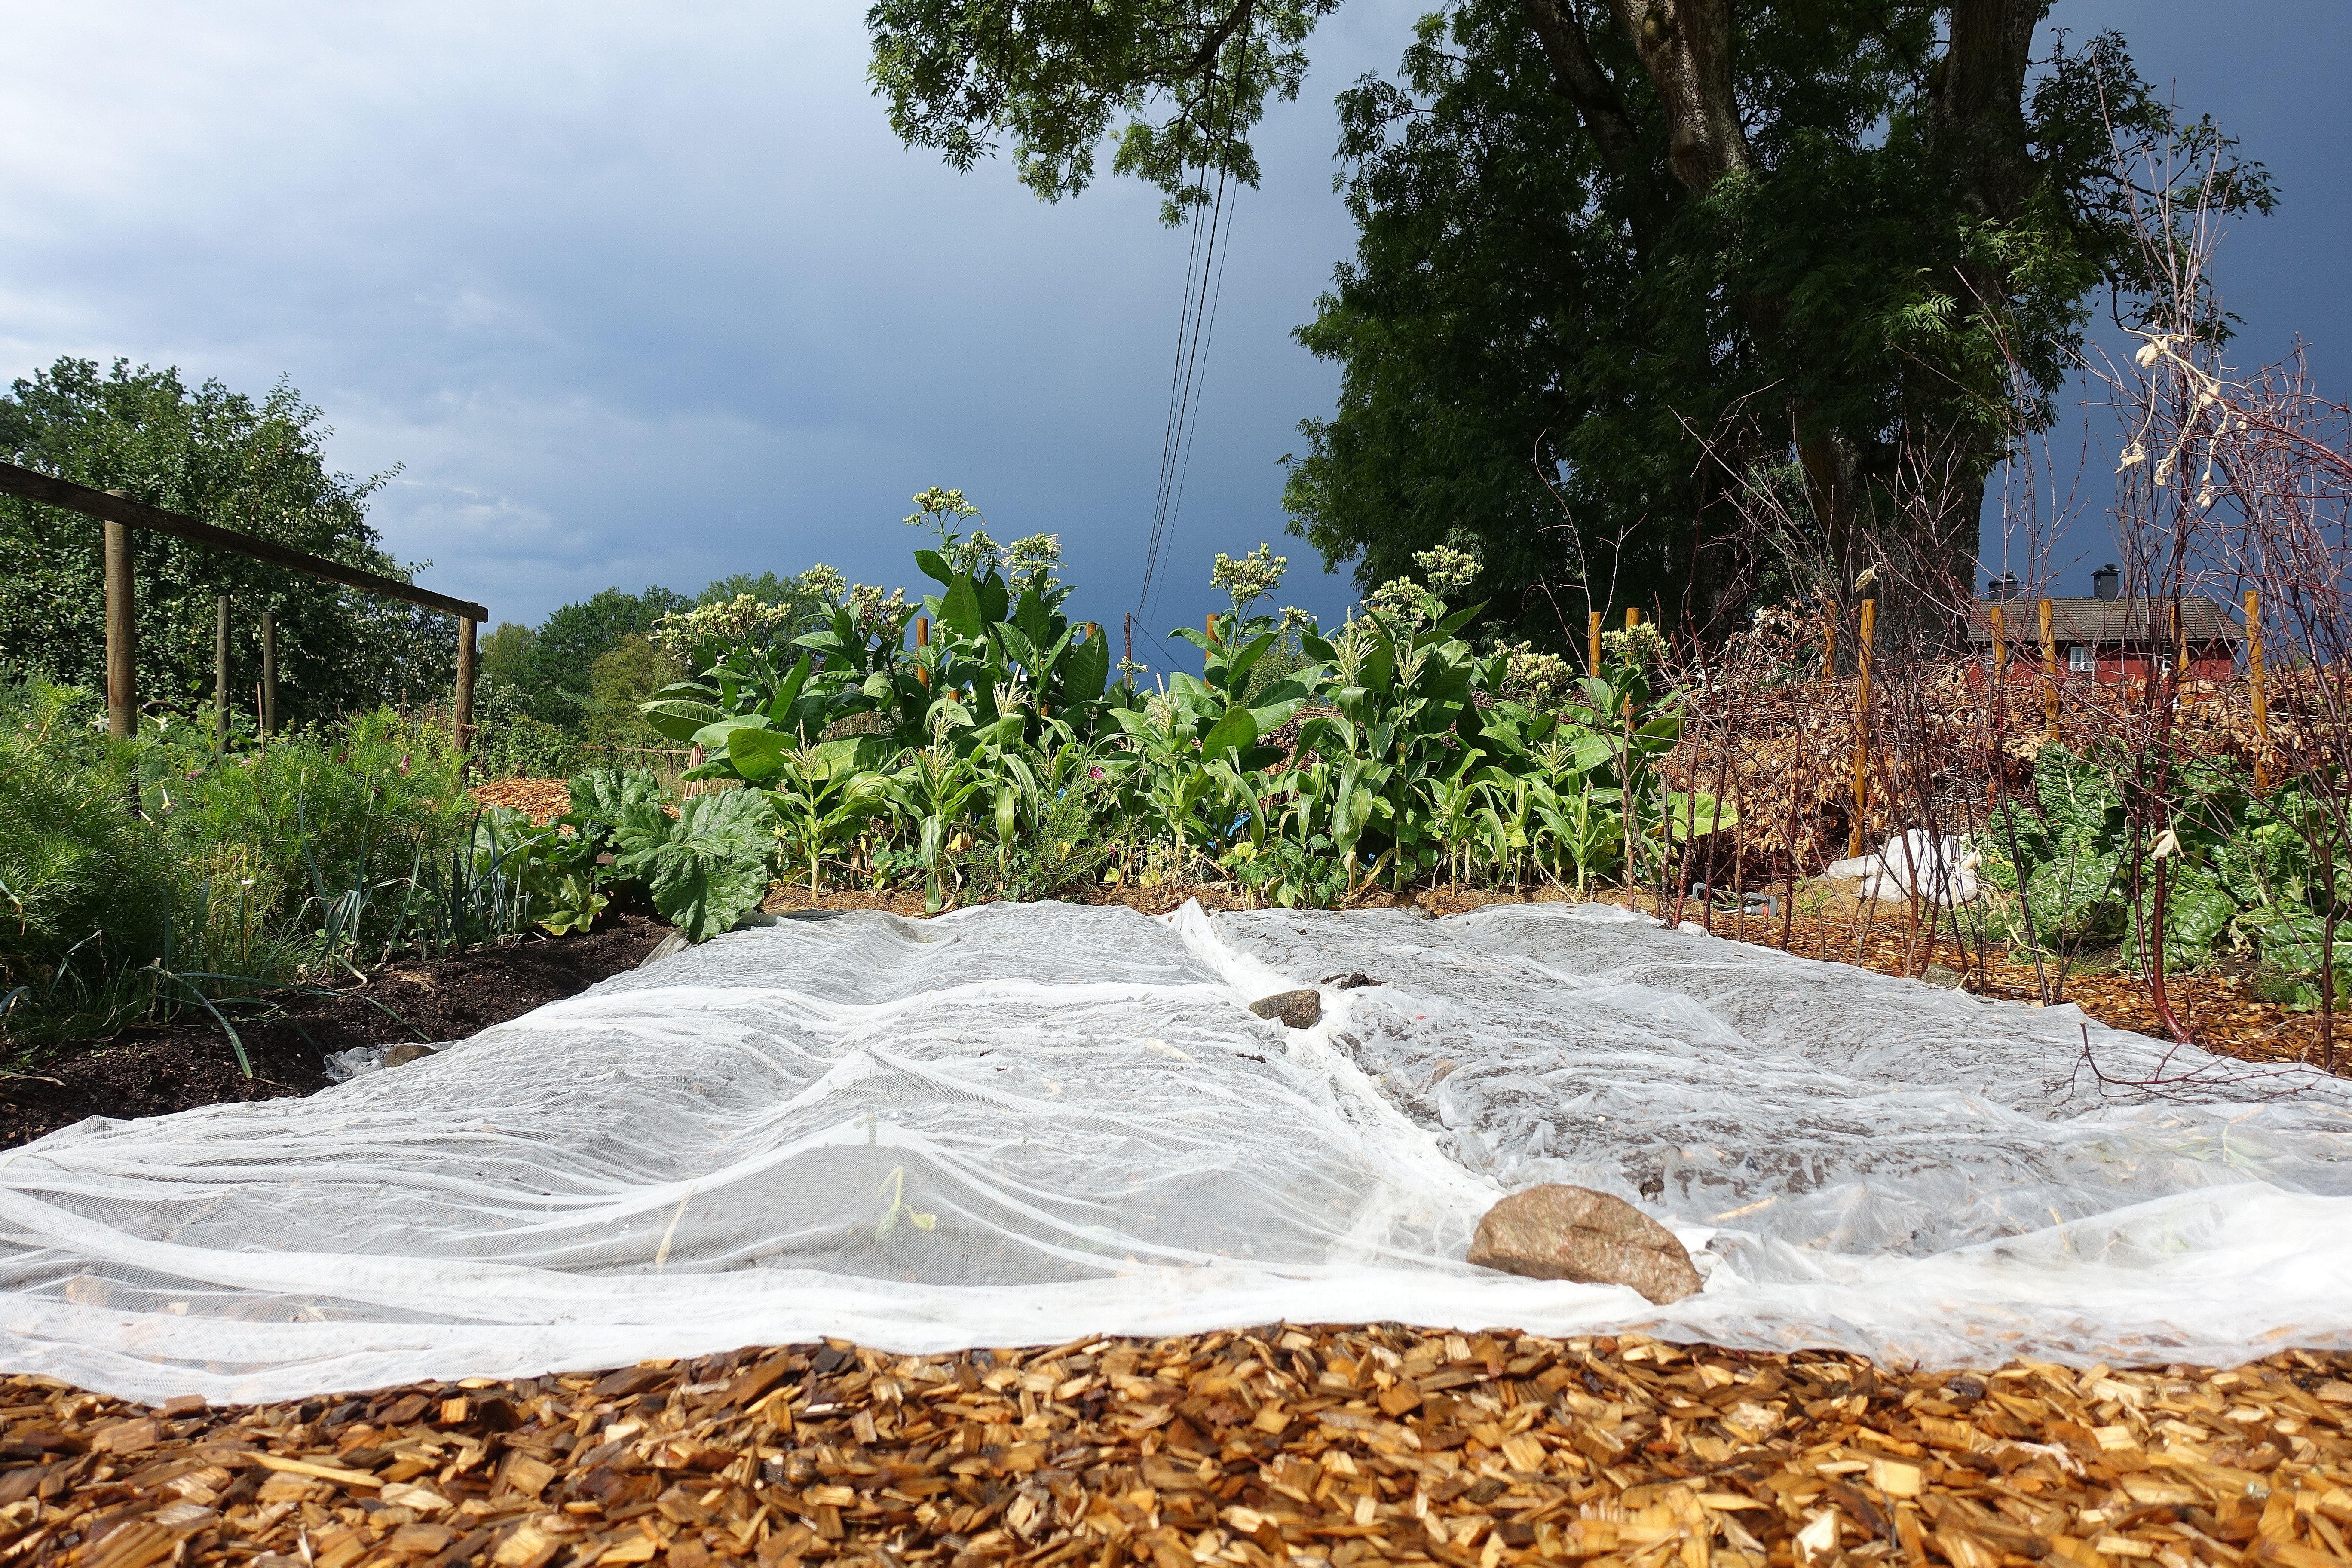 Ett trädgårdsland täckt av fiberduk och mörka moln täcker himlen ovanför. Summer sowing, my covered beds.